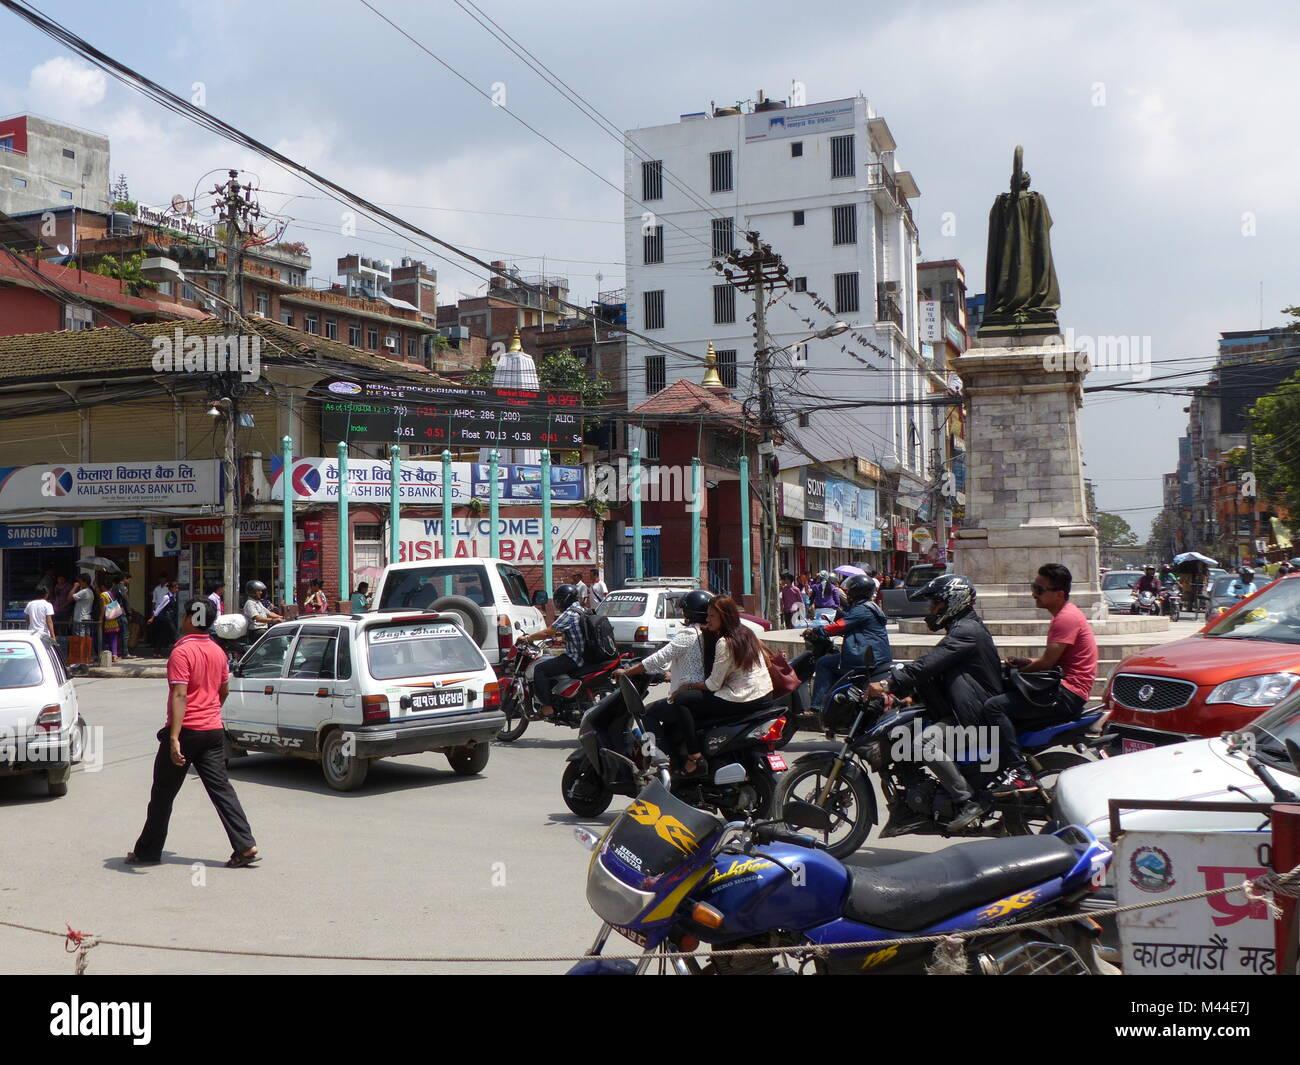 Durbar Square in Kathmandu, Nepal, september 4, 2015: Rush on the Kathmandu's Durbar Square - Stock Image